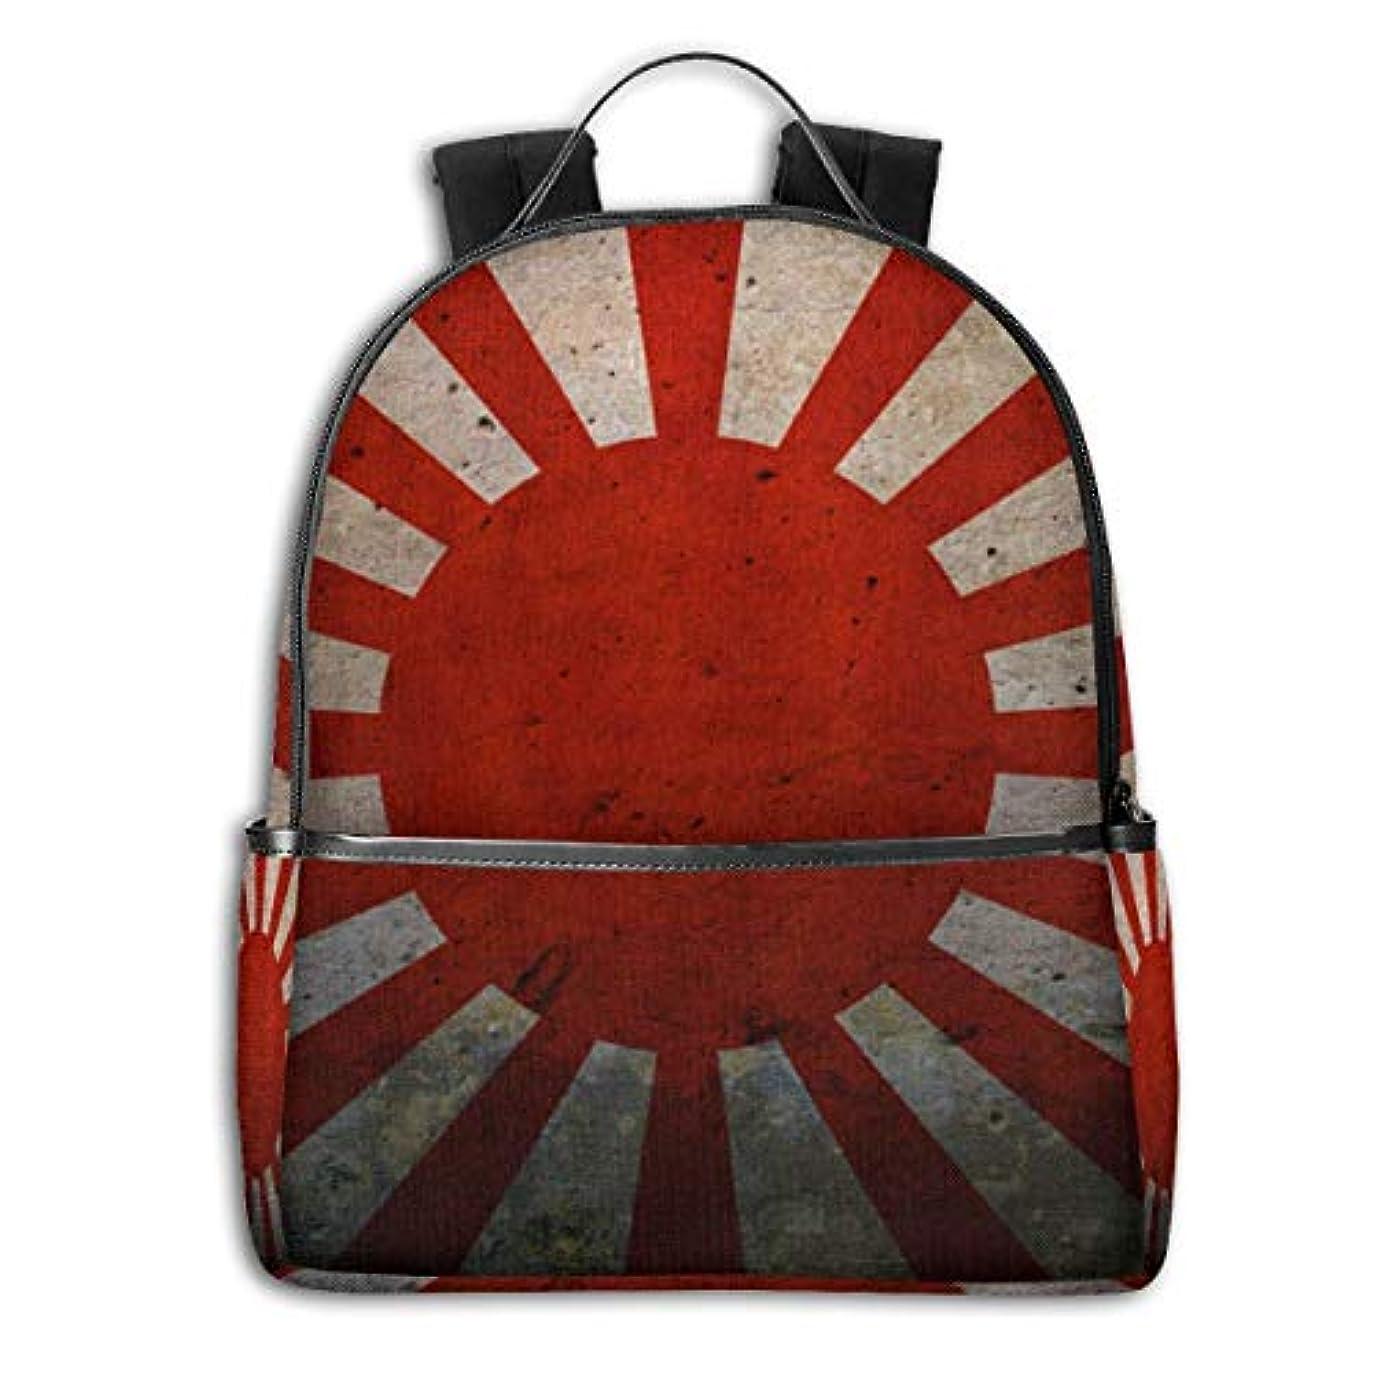 酸素モディッシュムスZetena リ ュックリュックサック 日本 旗 バックパック デイパック おしゃれ 旅行 通学 通勤 15.6インチラップトップ収納可能 アウトドア 遠足 出張 男女兼用